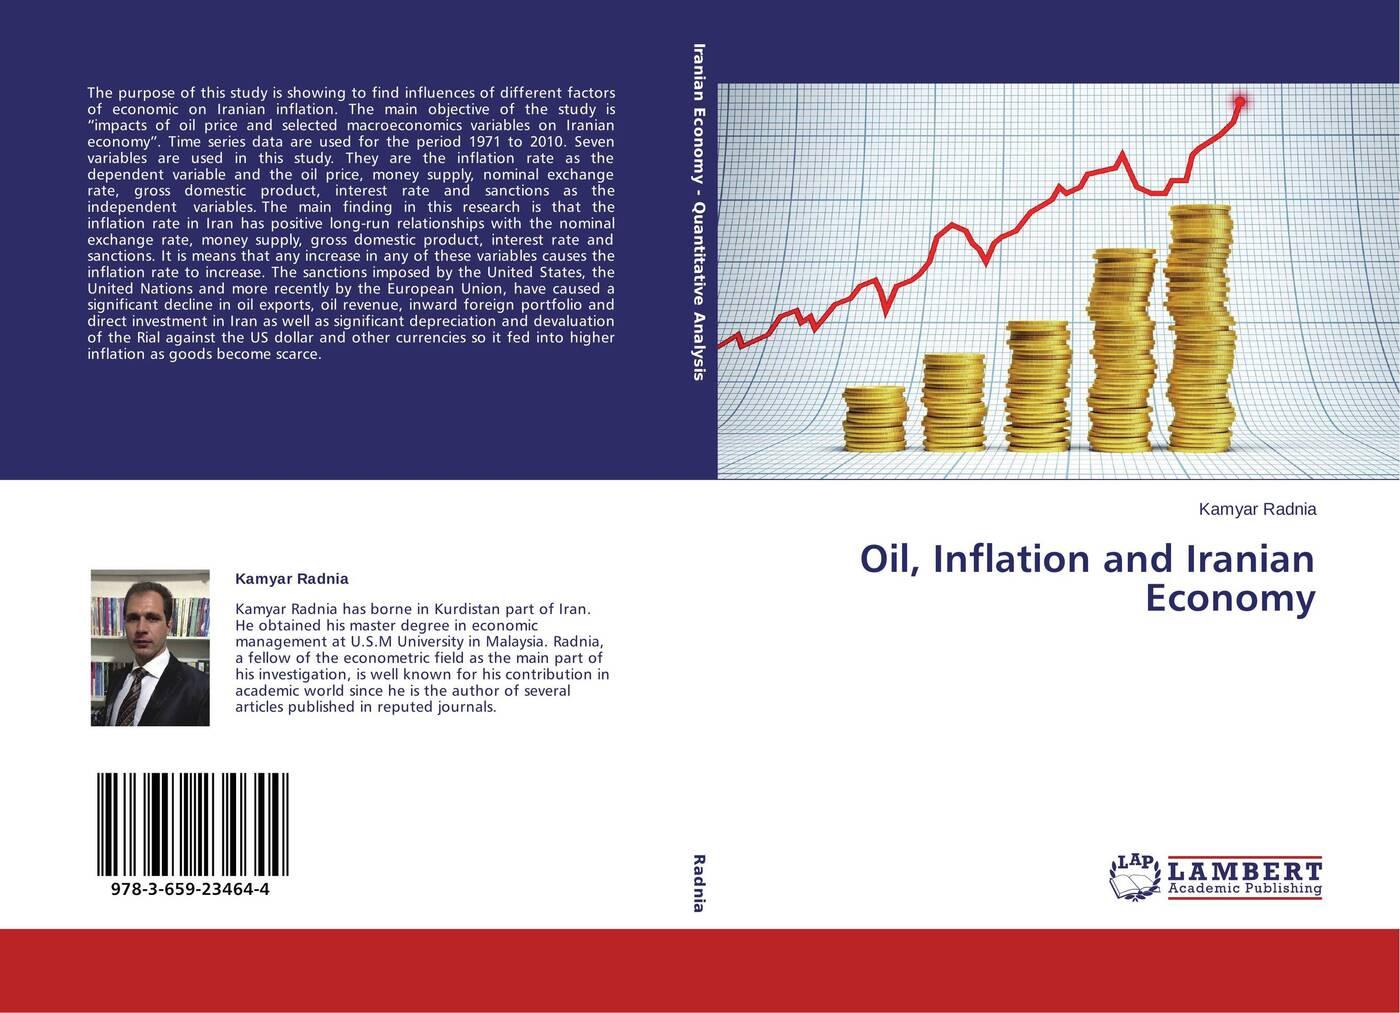 купить Kamyar Radnia Oil, Inflation and Iranian Economy по цене 4914 рублей